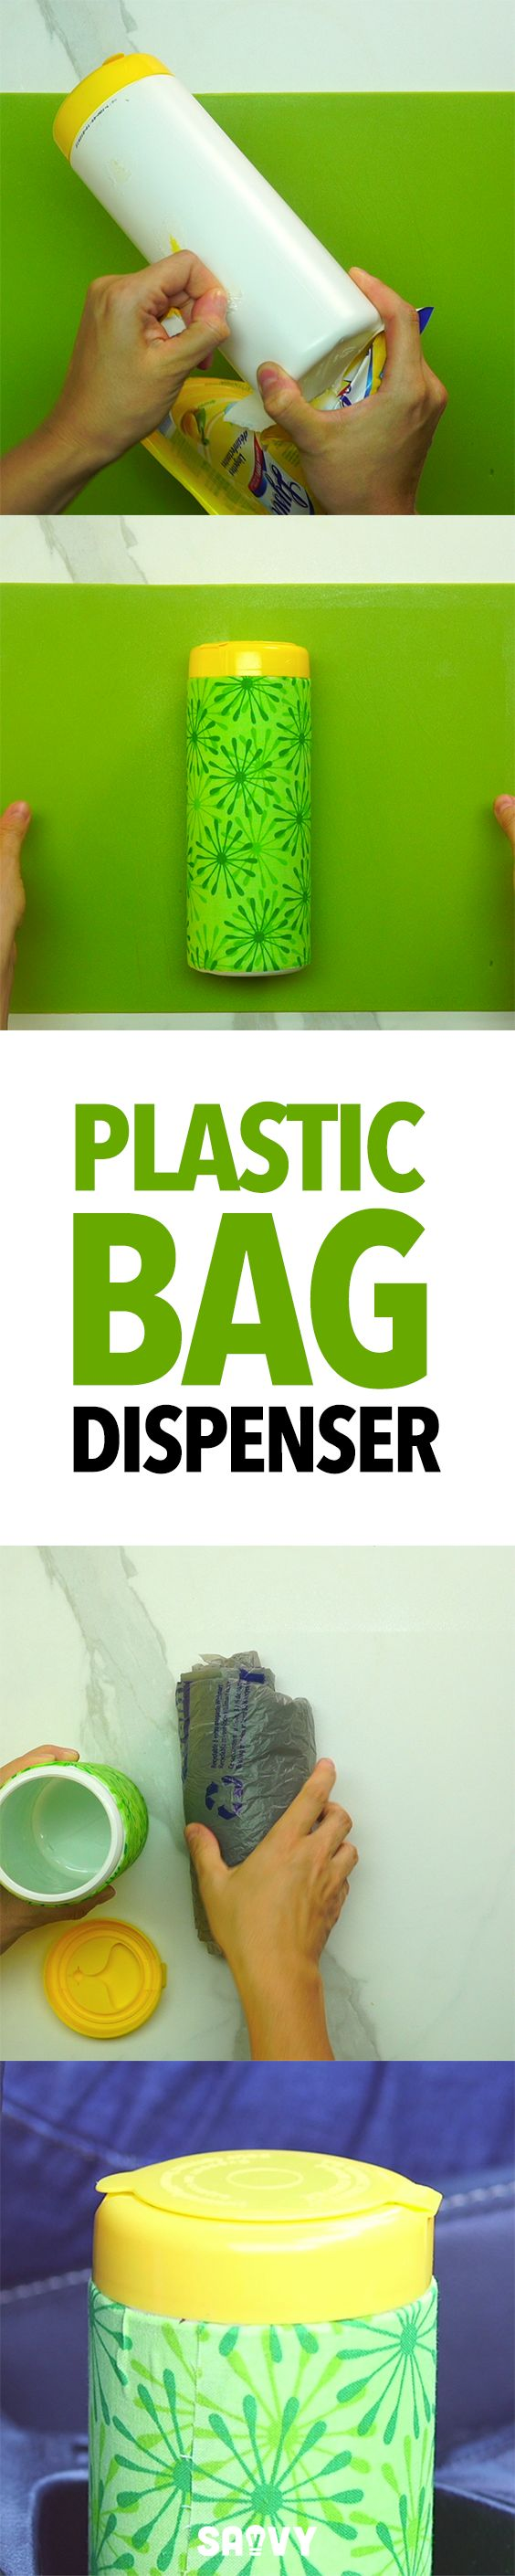 DIY Plastic Bag Dispenser                                                                                                                                                                                 More